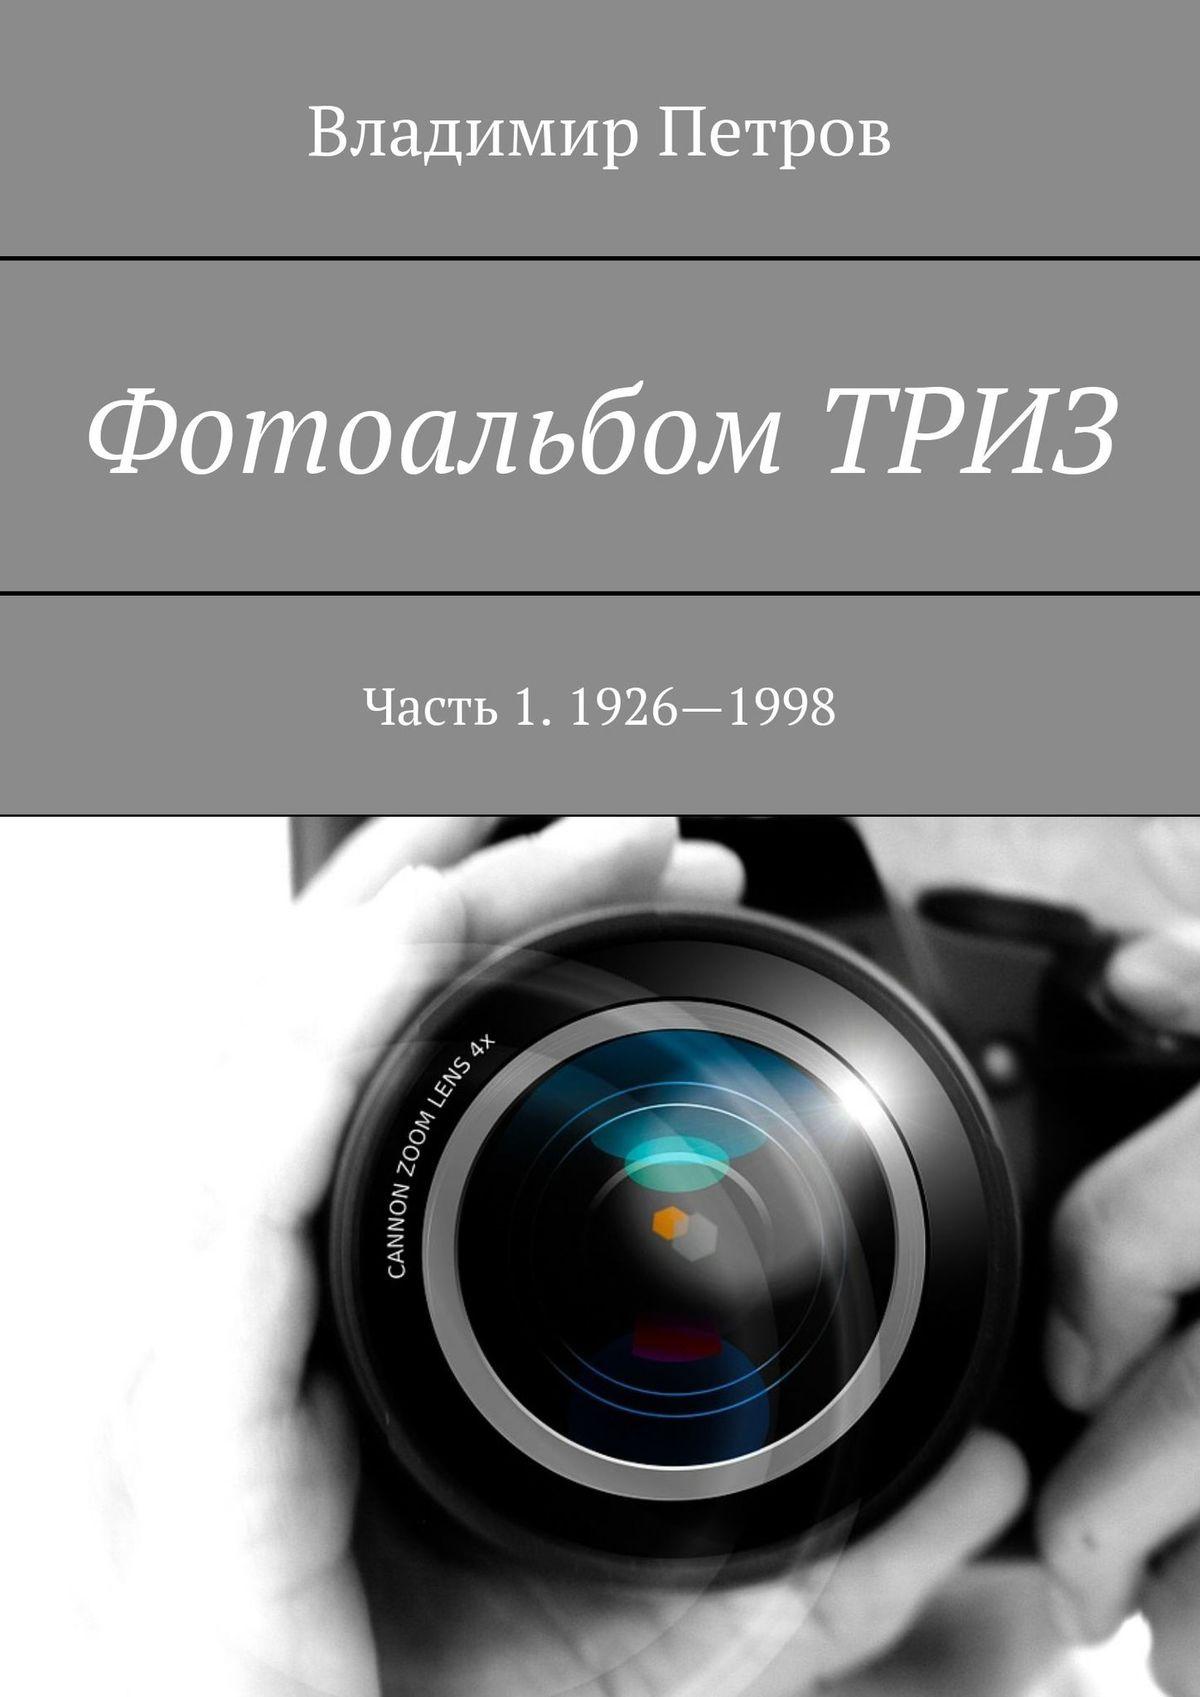 Владимир Петров Фотоальбом ТРИЗ. Часть1. 1926—1998 владимир петров гравиполи триз